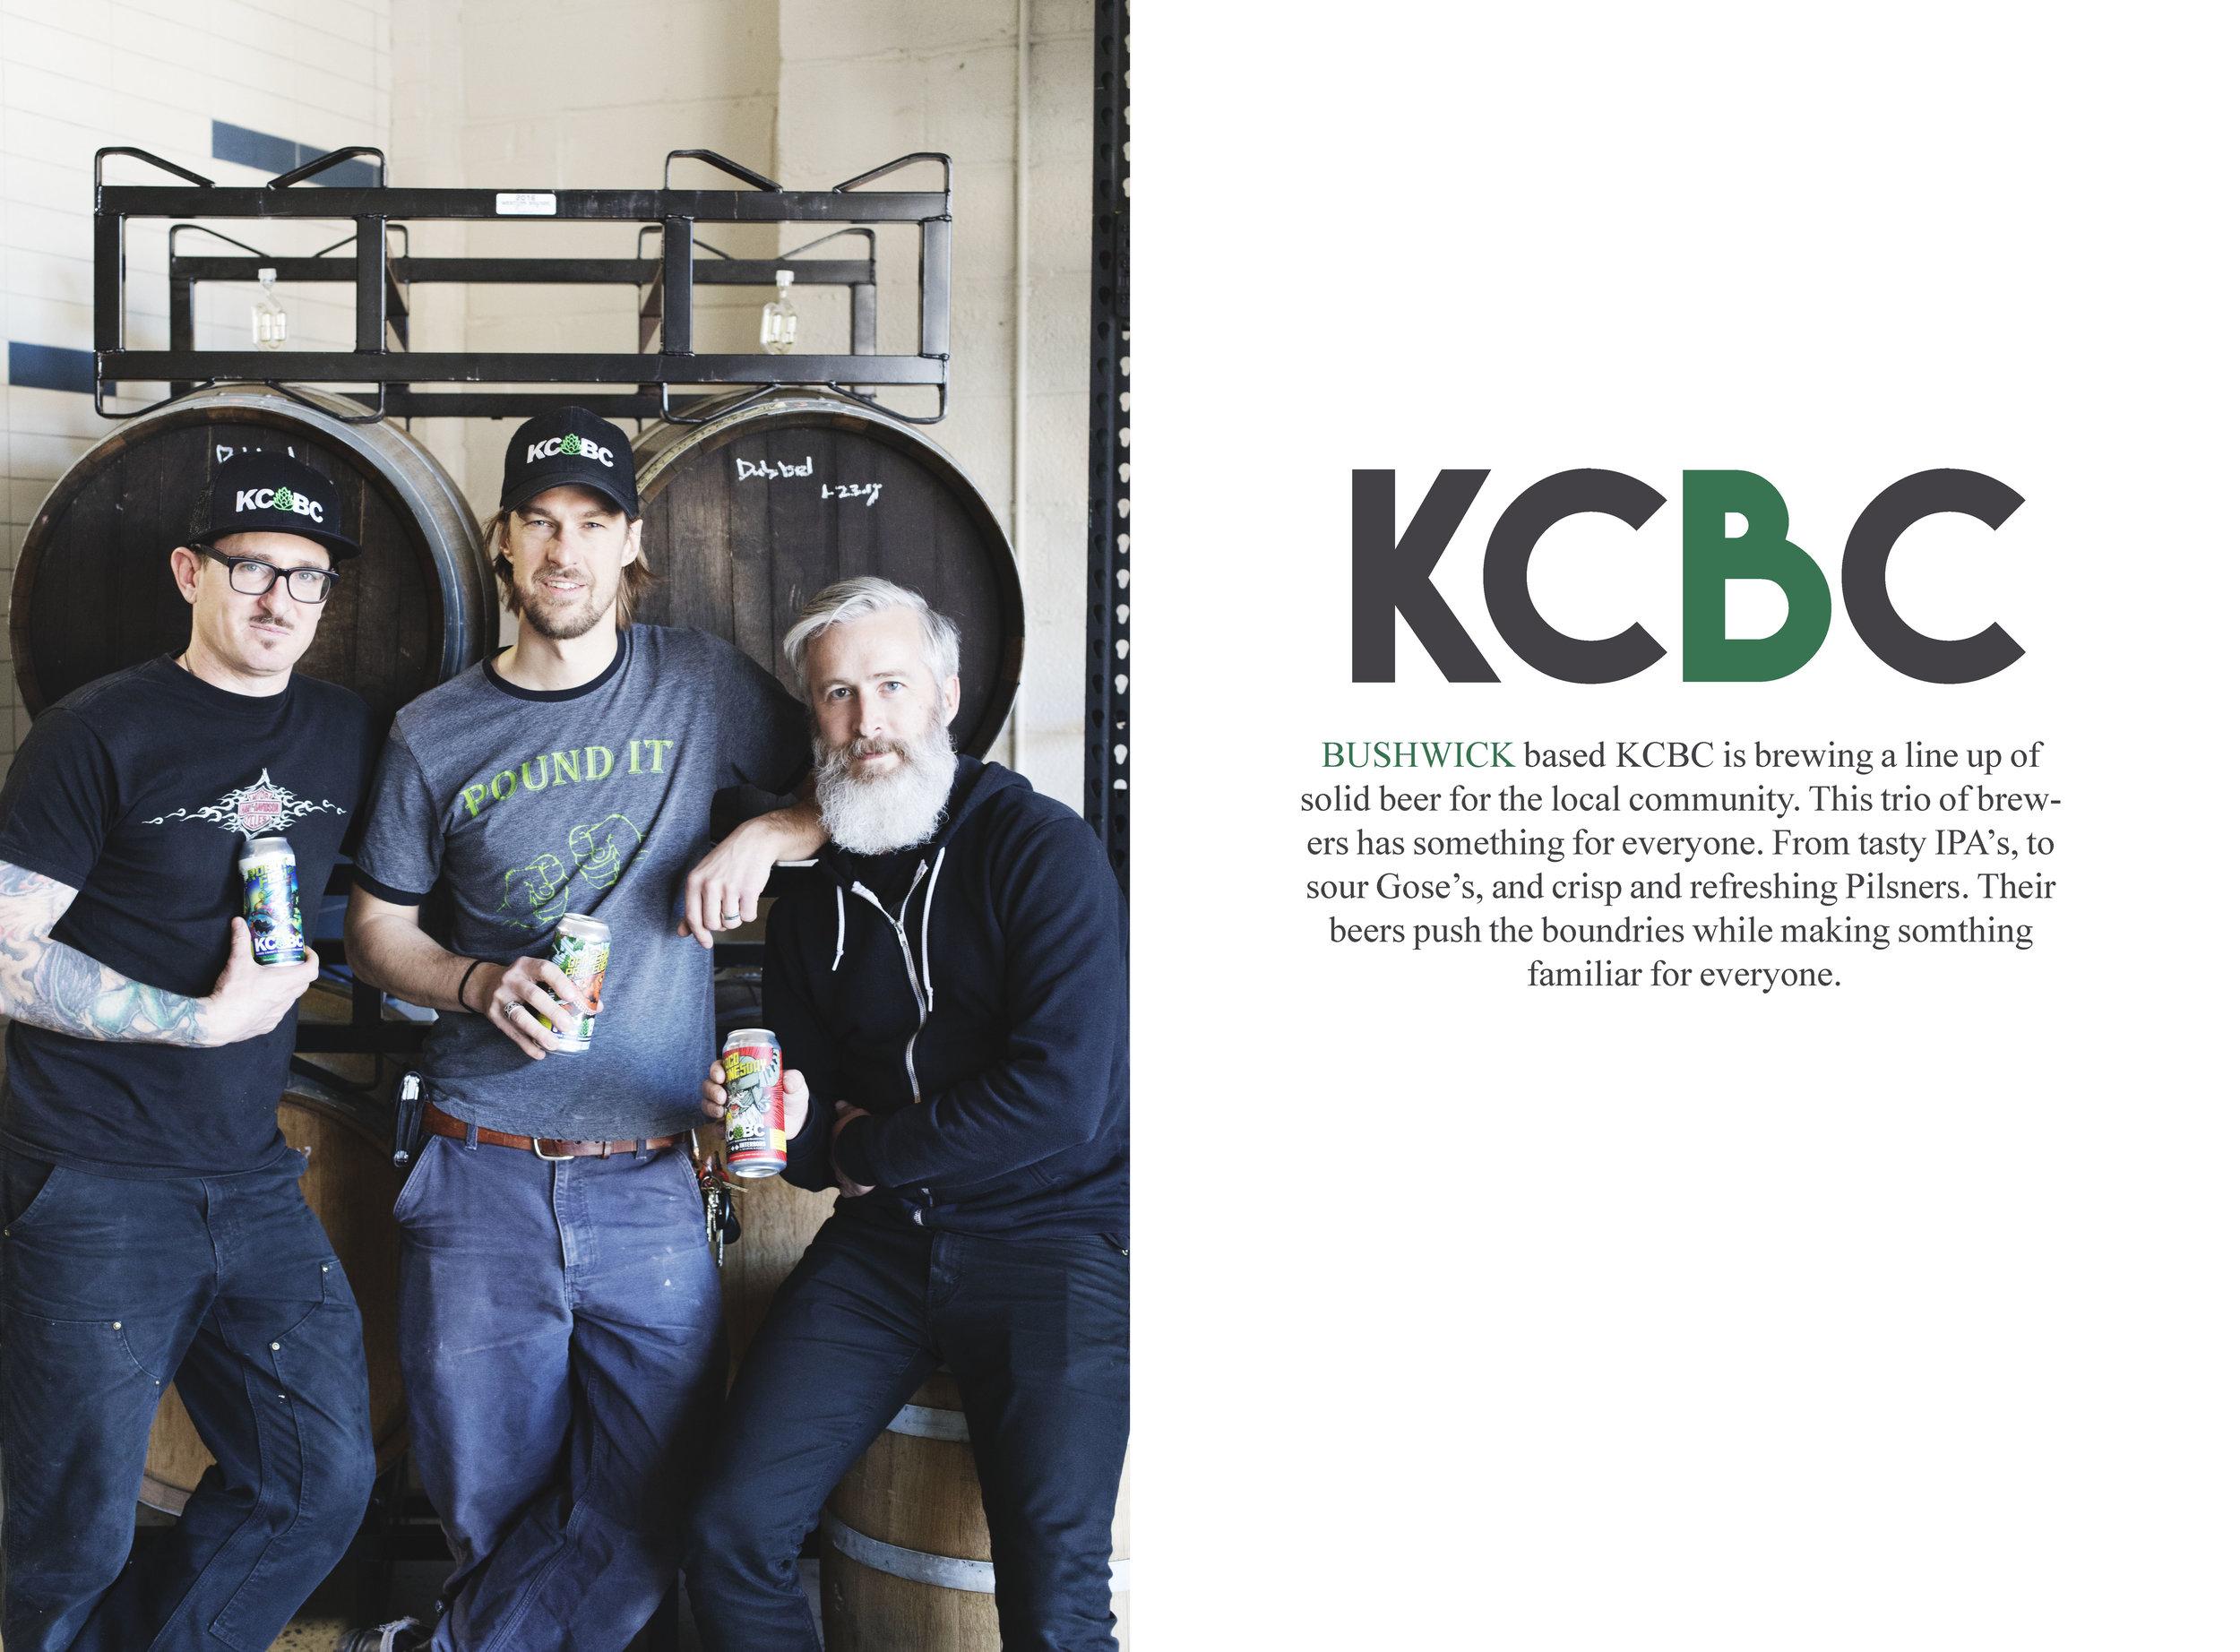 KCBC_spread_1.jpg